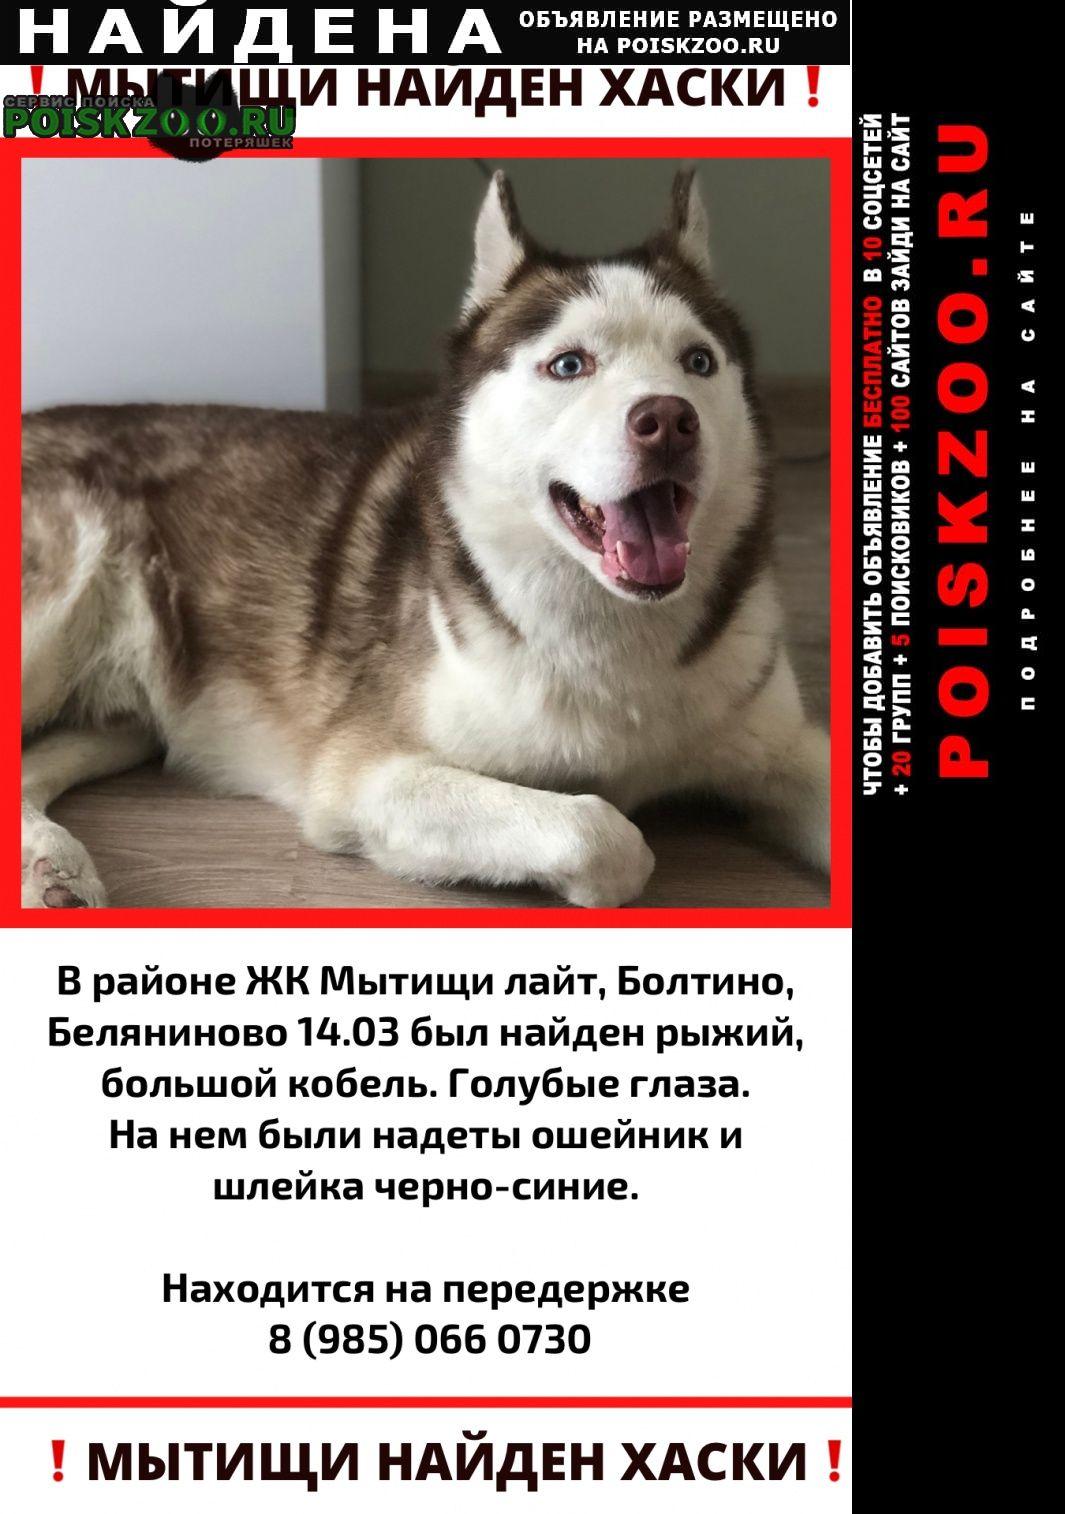 Найдена собака кобель Мытищи